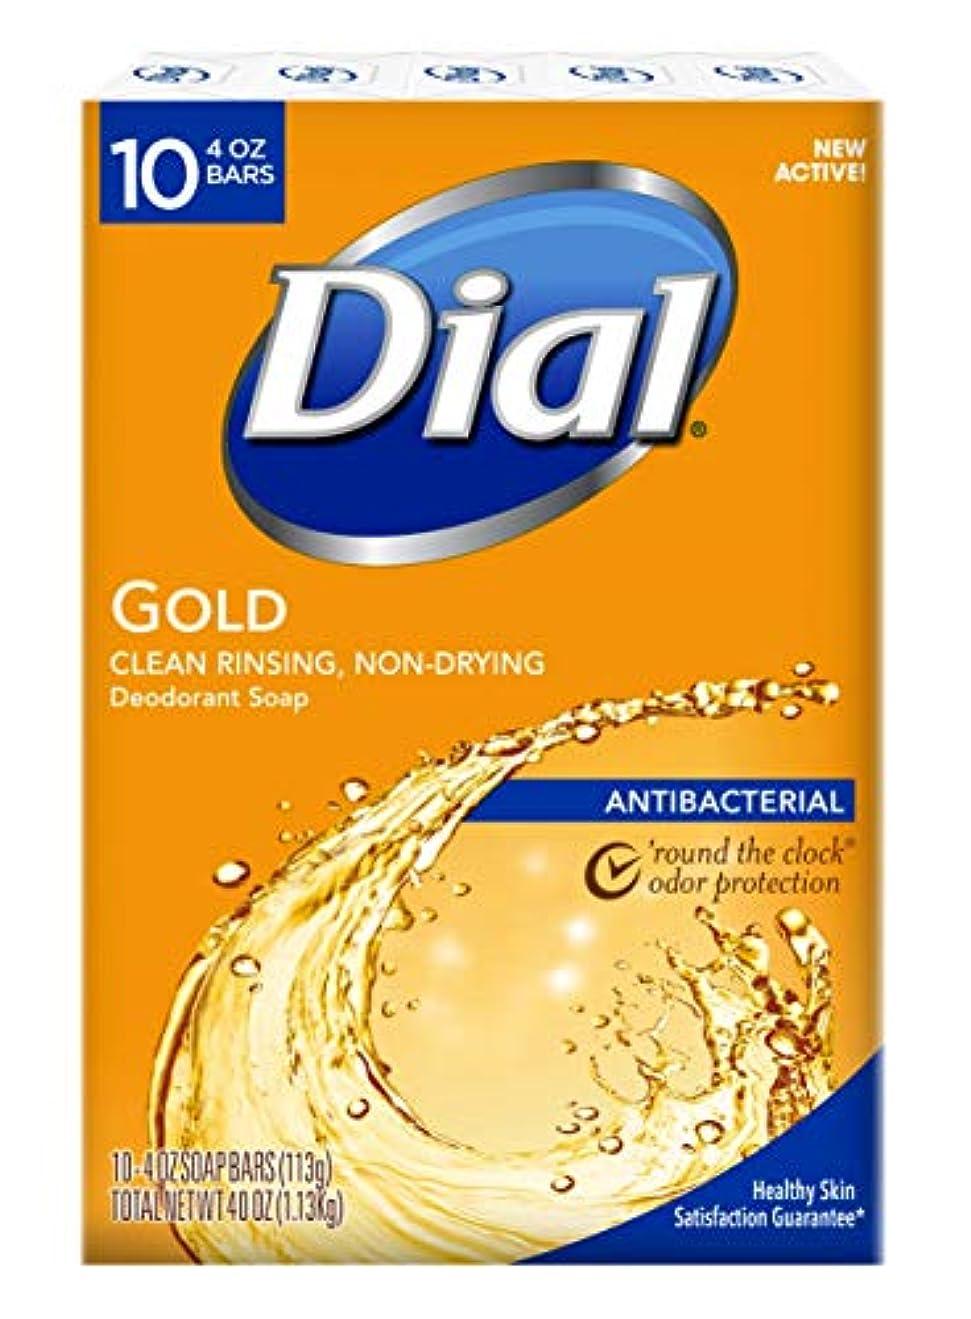 叫び声計算含意Dial Antibacterial Deodorant Bar Soap, Gold, 4-Ounce Bars, 10 Count (Pack of 3)